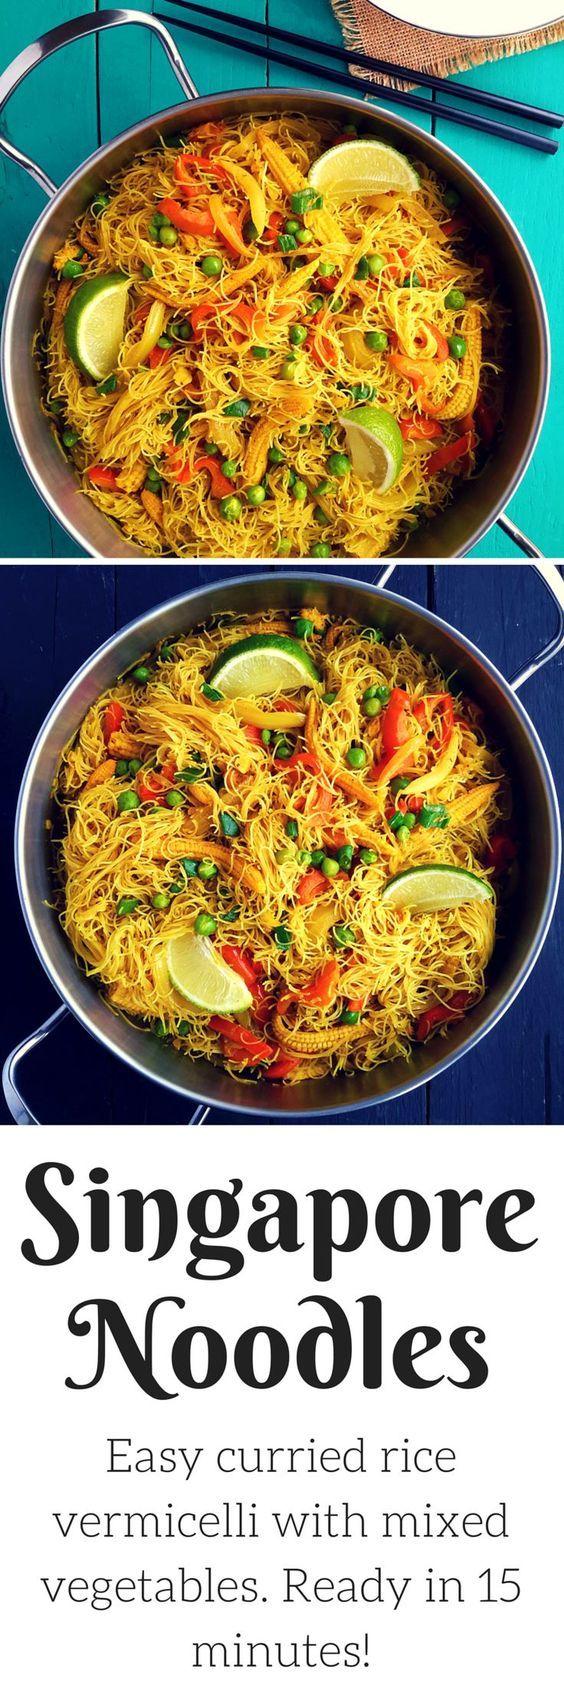 Vegetable Singapore noodles #vegan #vegetarianrecipes http://ncnskincare.com/